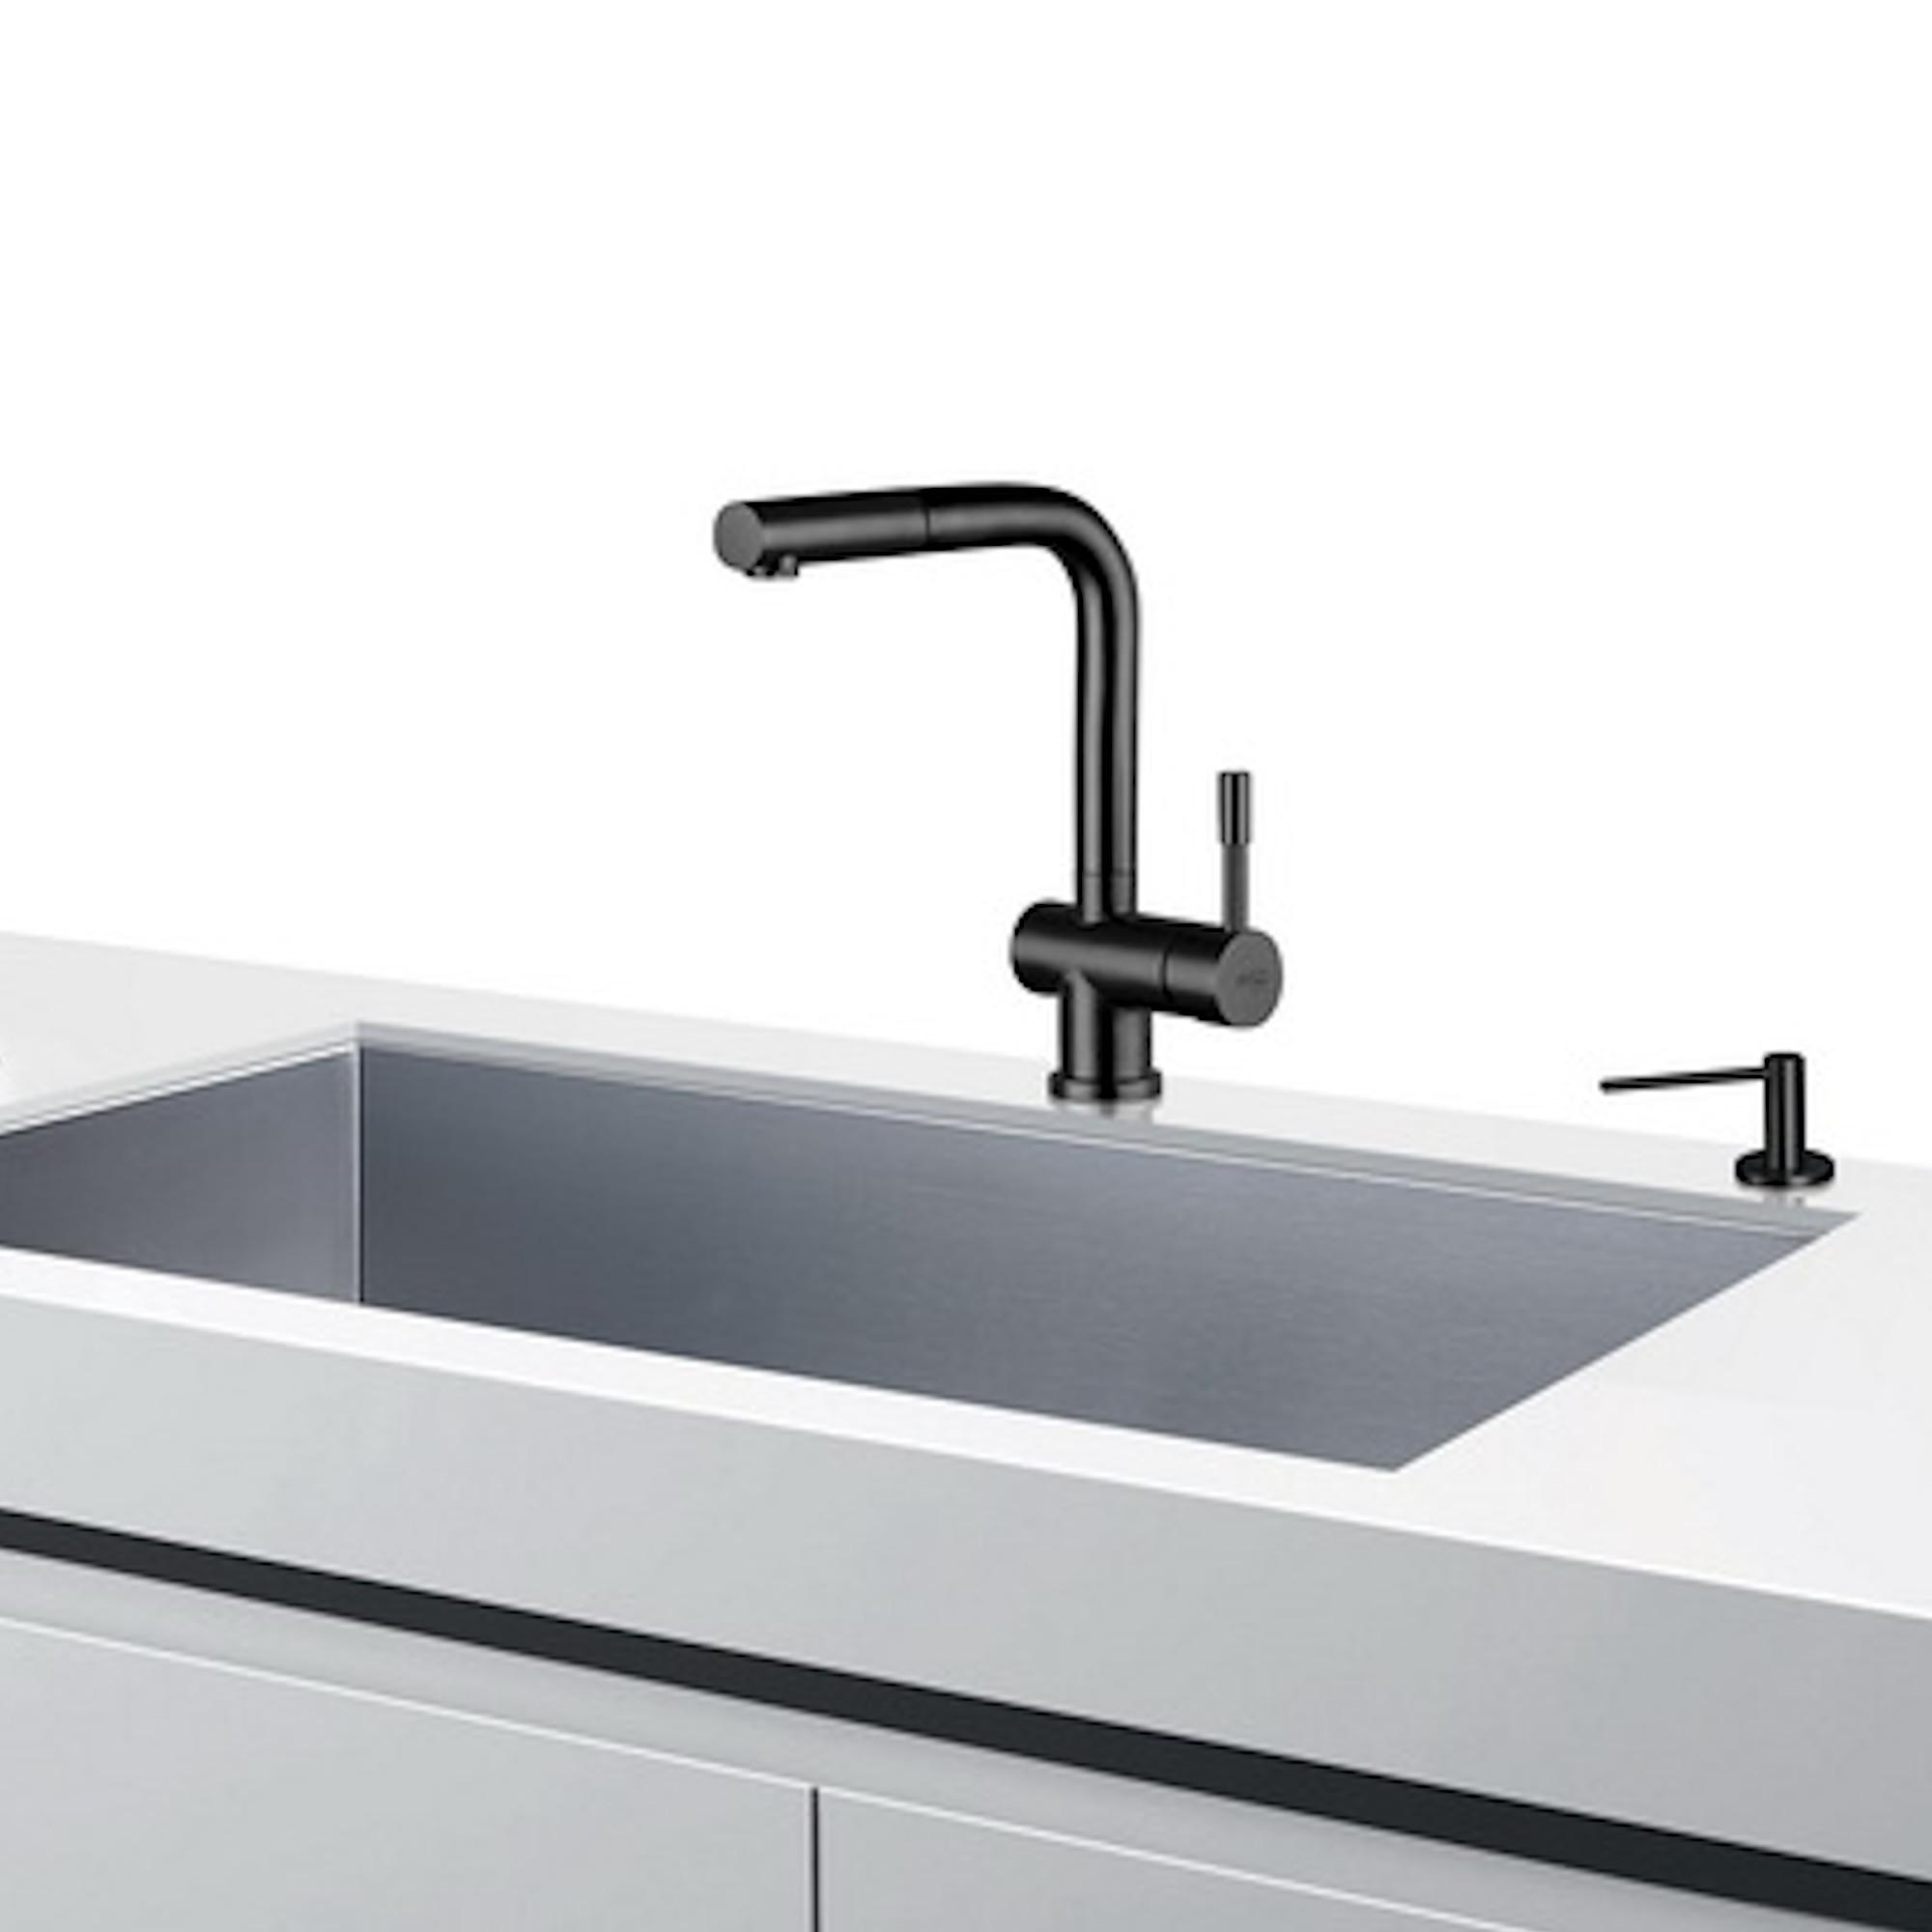 Bluewater Corsa Küchenarmatur Wasserhahn INOX Schwarz Massiv mit ausziehbarer Brause